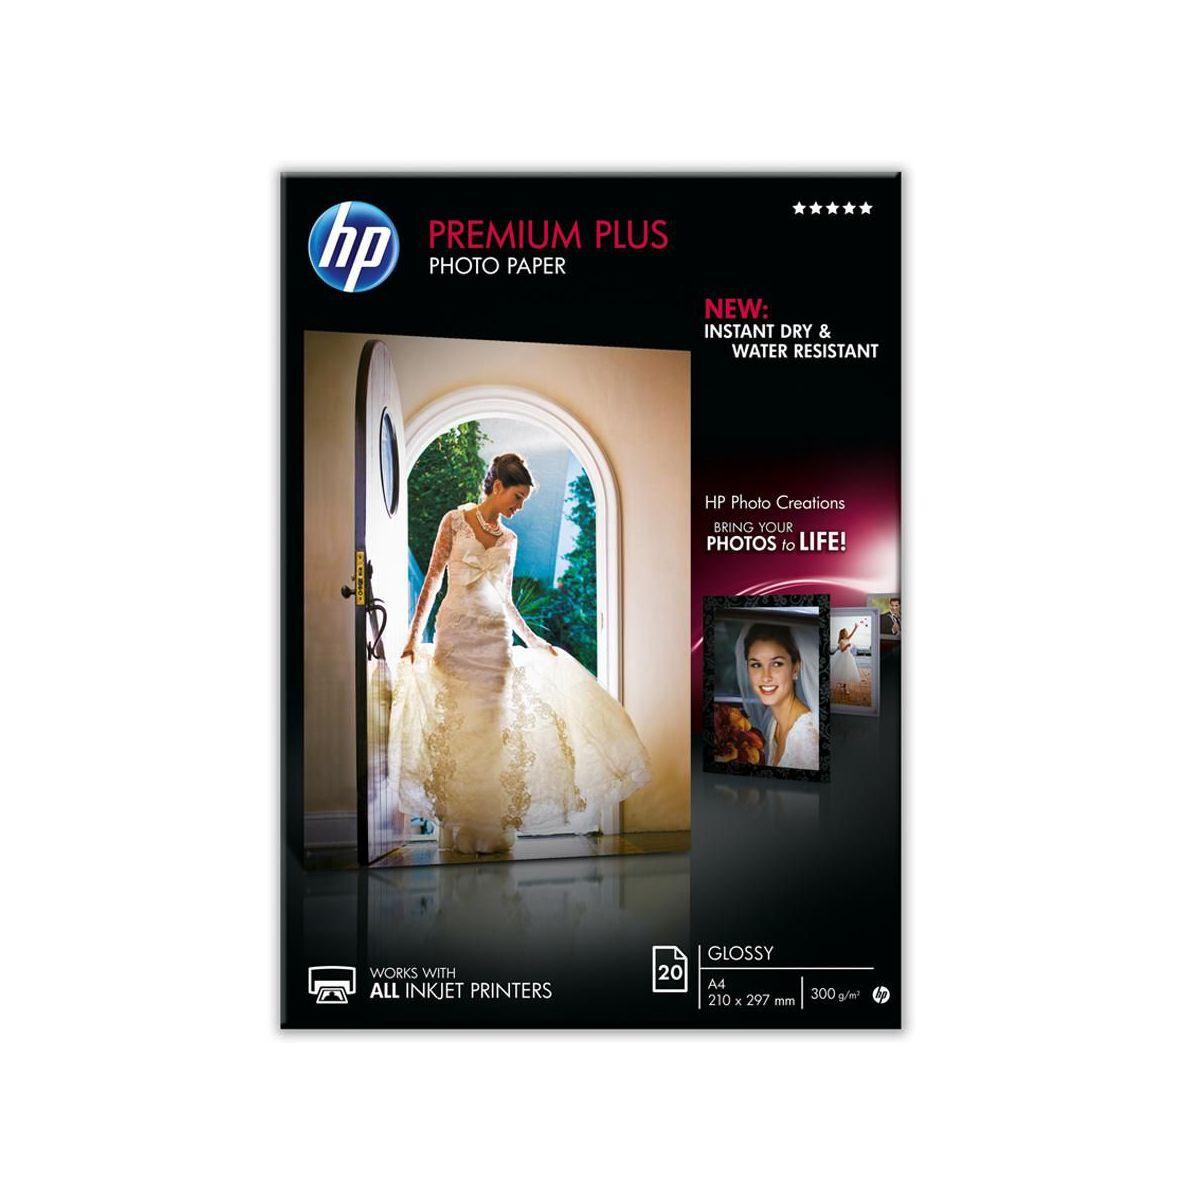 Papier photo hp cr672a premium a4 brillant 300g 20 feuilles - 5% de remise : code multi5 (photo)